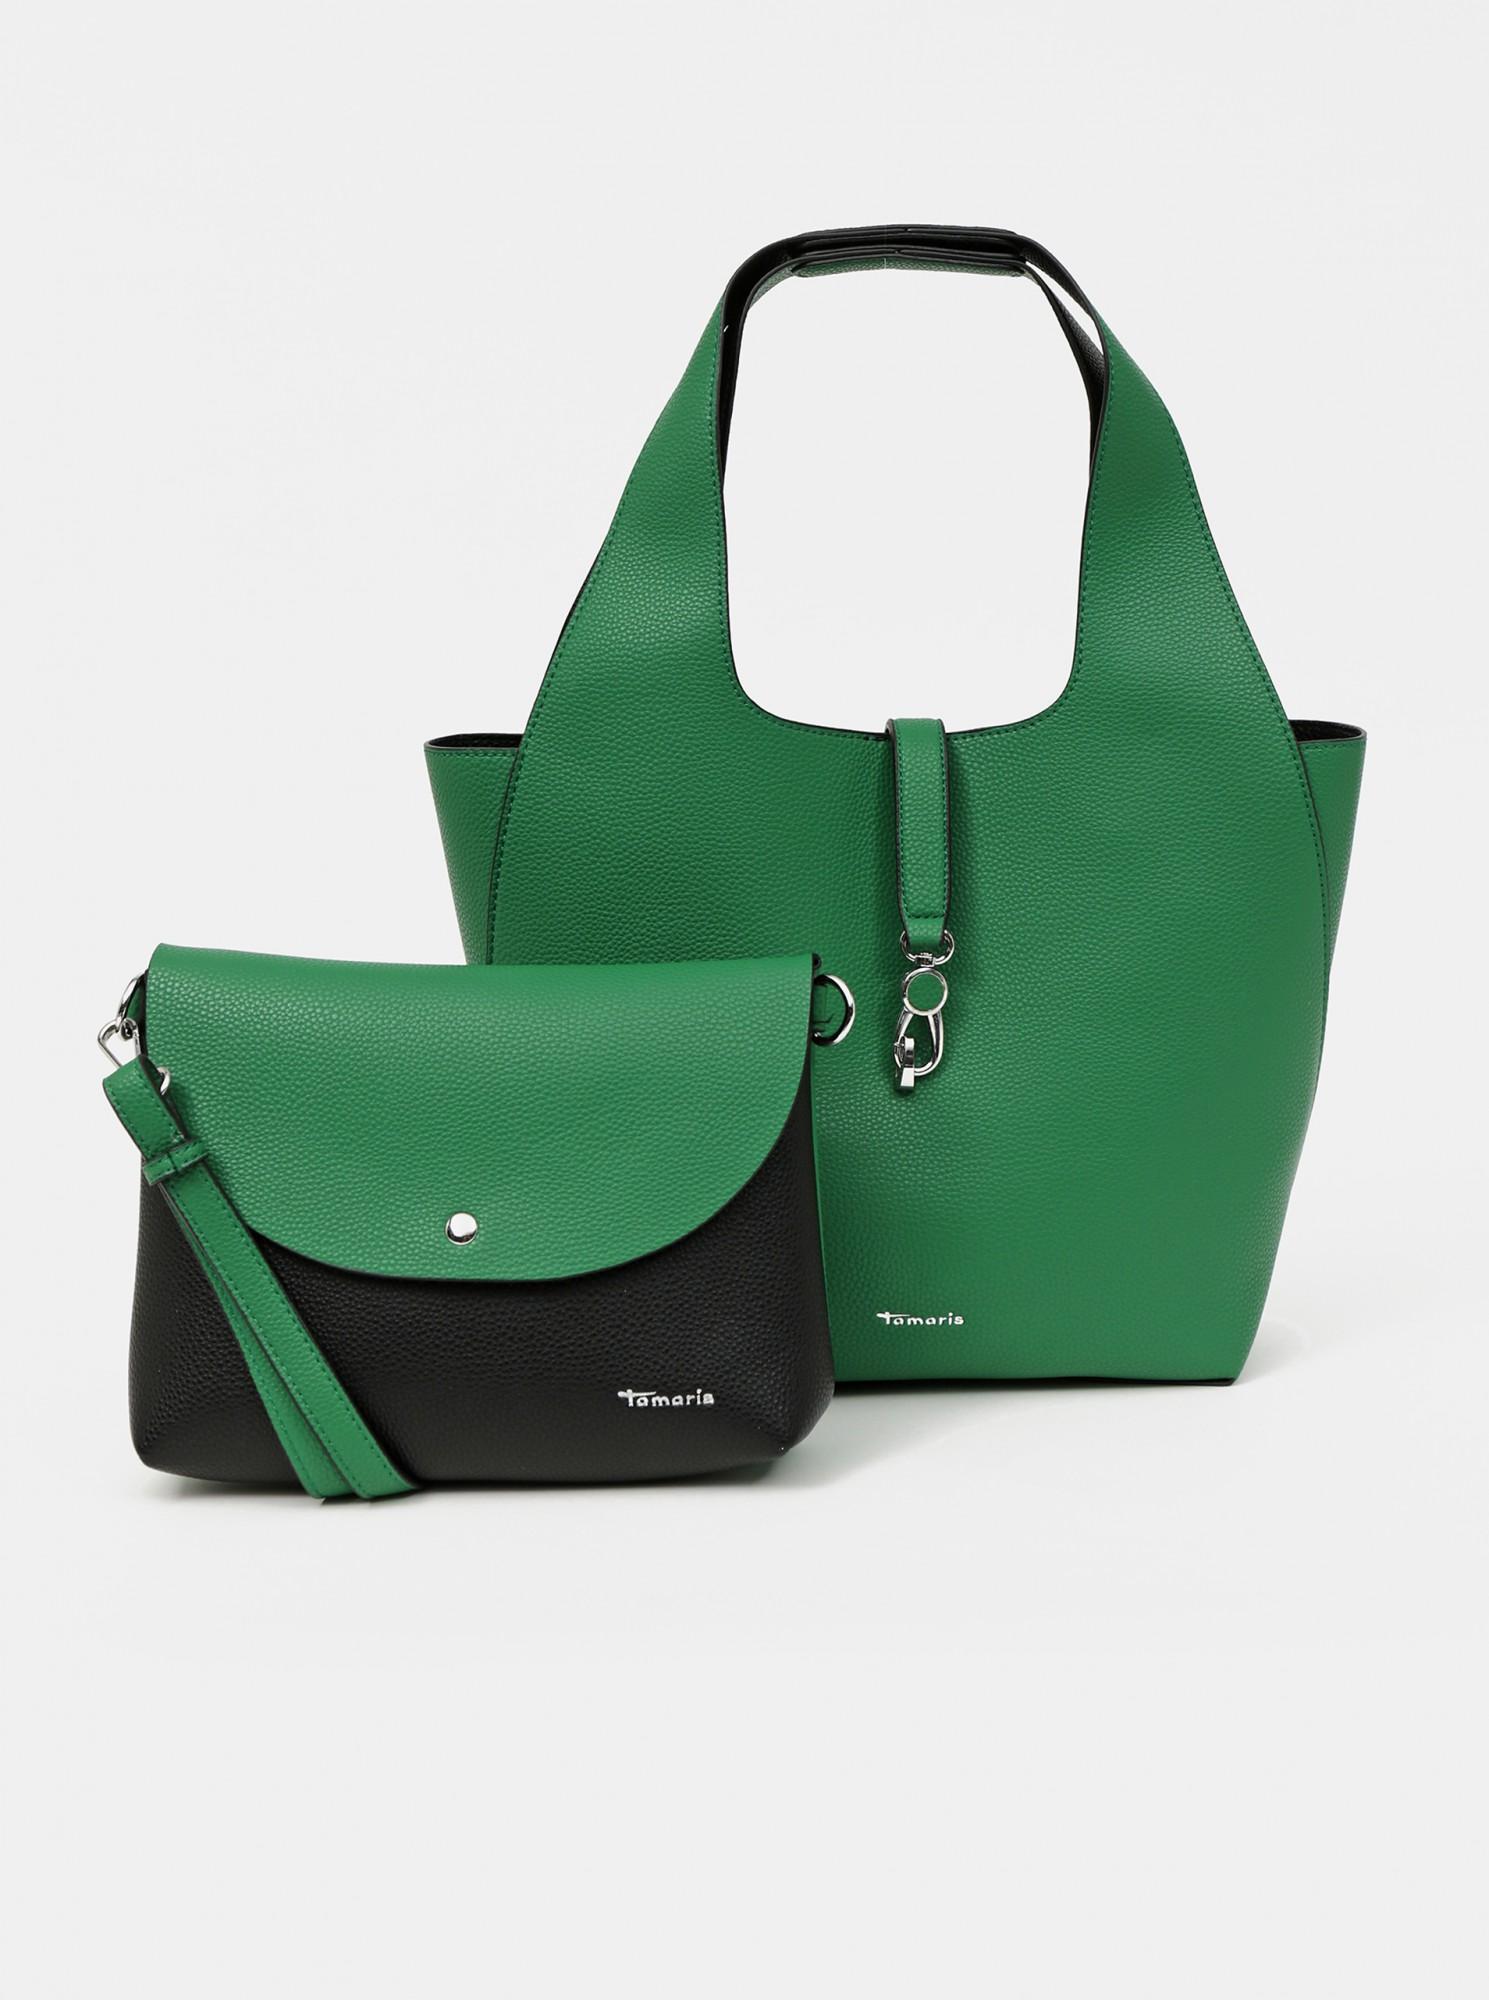 Tamaris verde reversibile acquirente